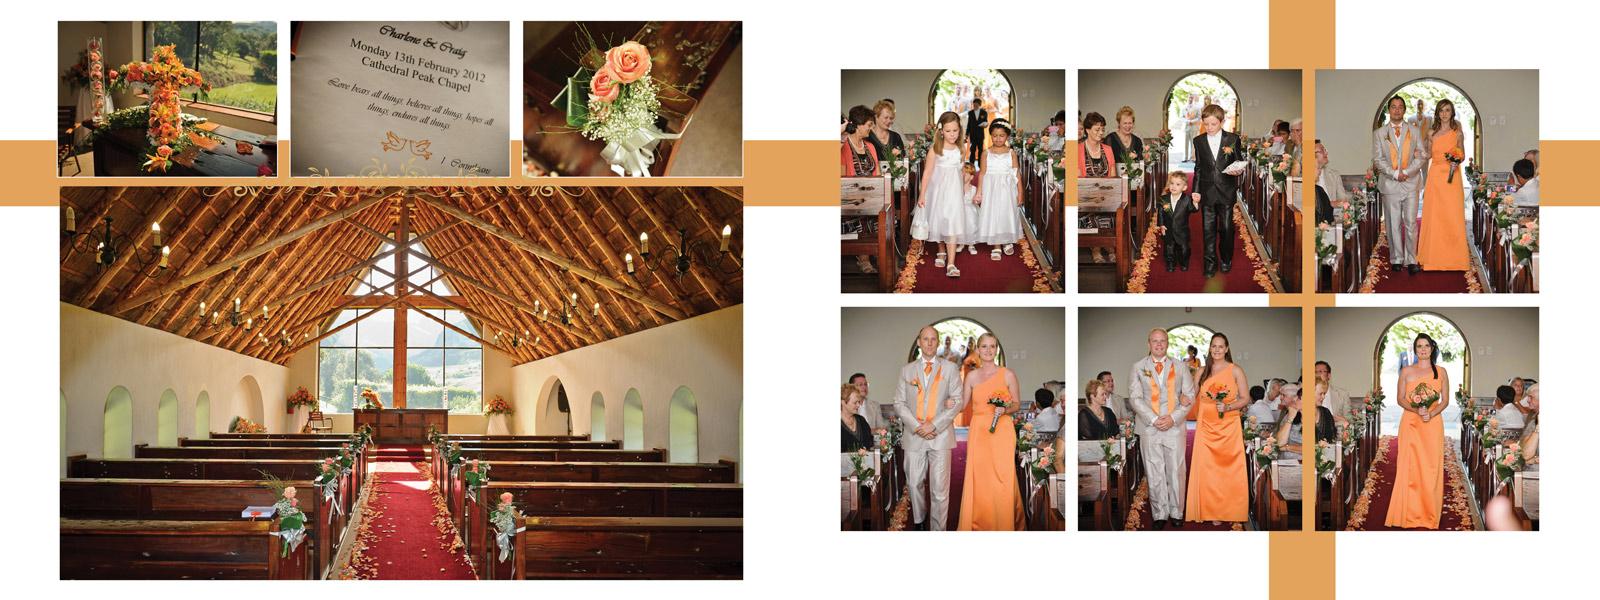 Nathalie Boucry Photography | Charlene and Craig Wedding Album 014